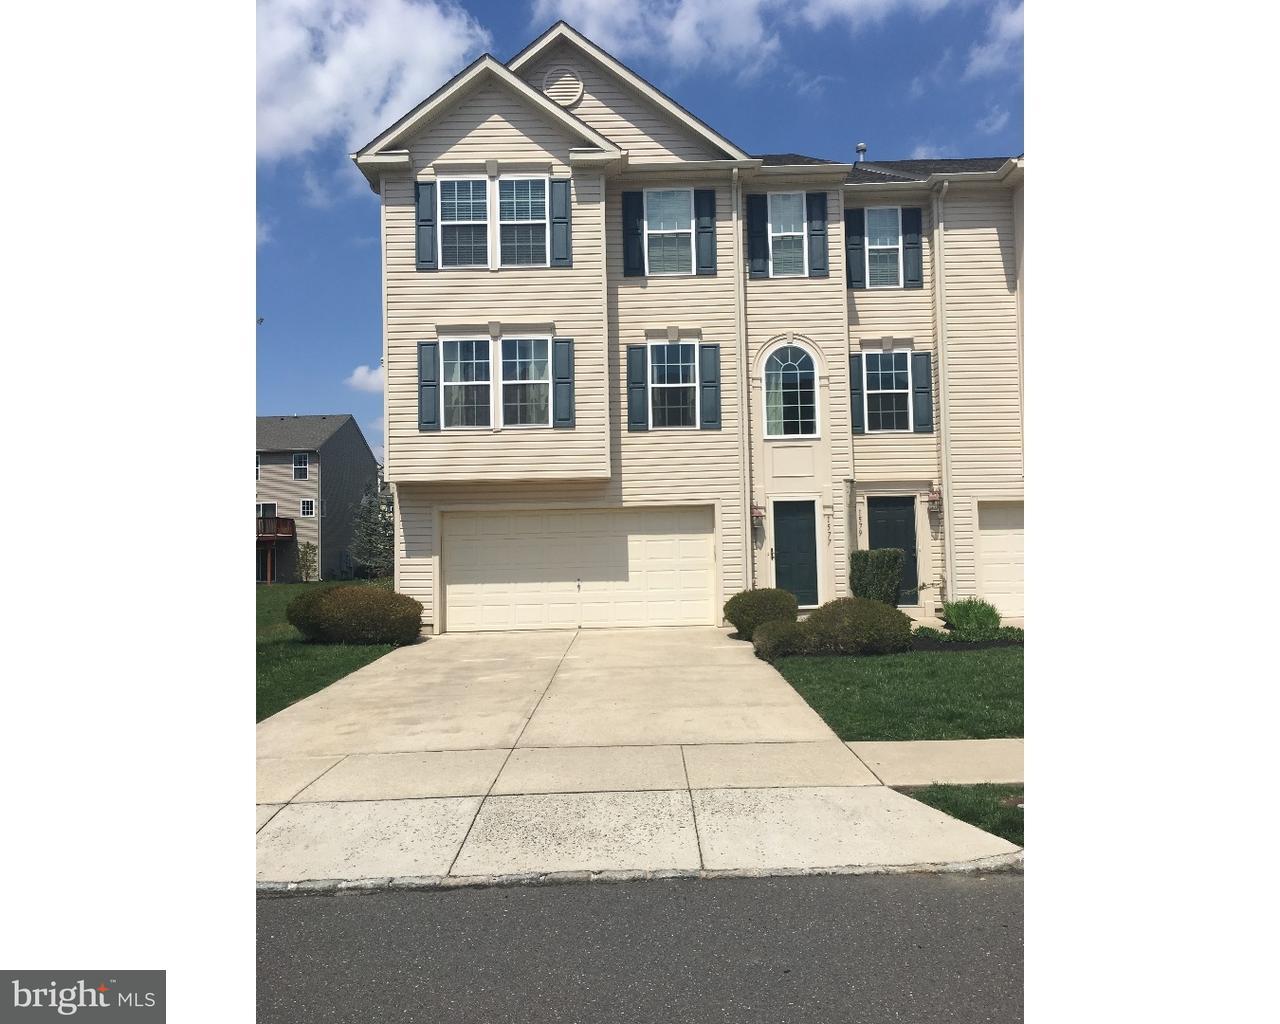 Μονοκατοικία για την Πώληση στο 1577 JASON Drive Cinnaminson Township, Νιου Τζερσεϋ 08077 Ηνωμενεσ Πολιτειεσ